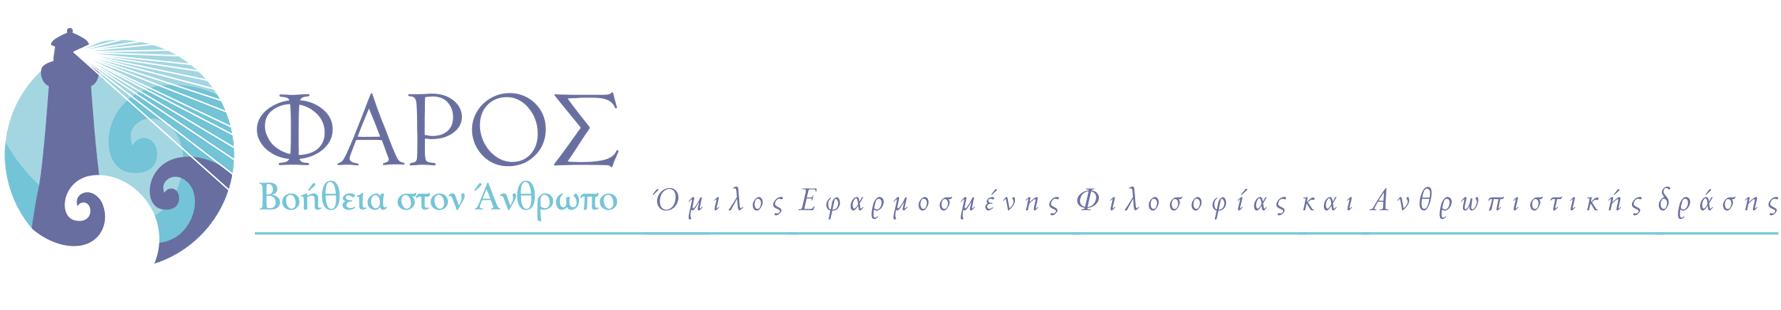 faroshelp.gr